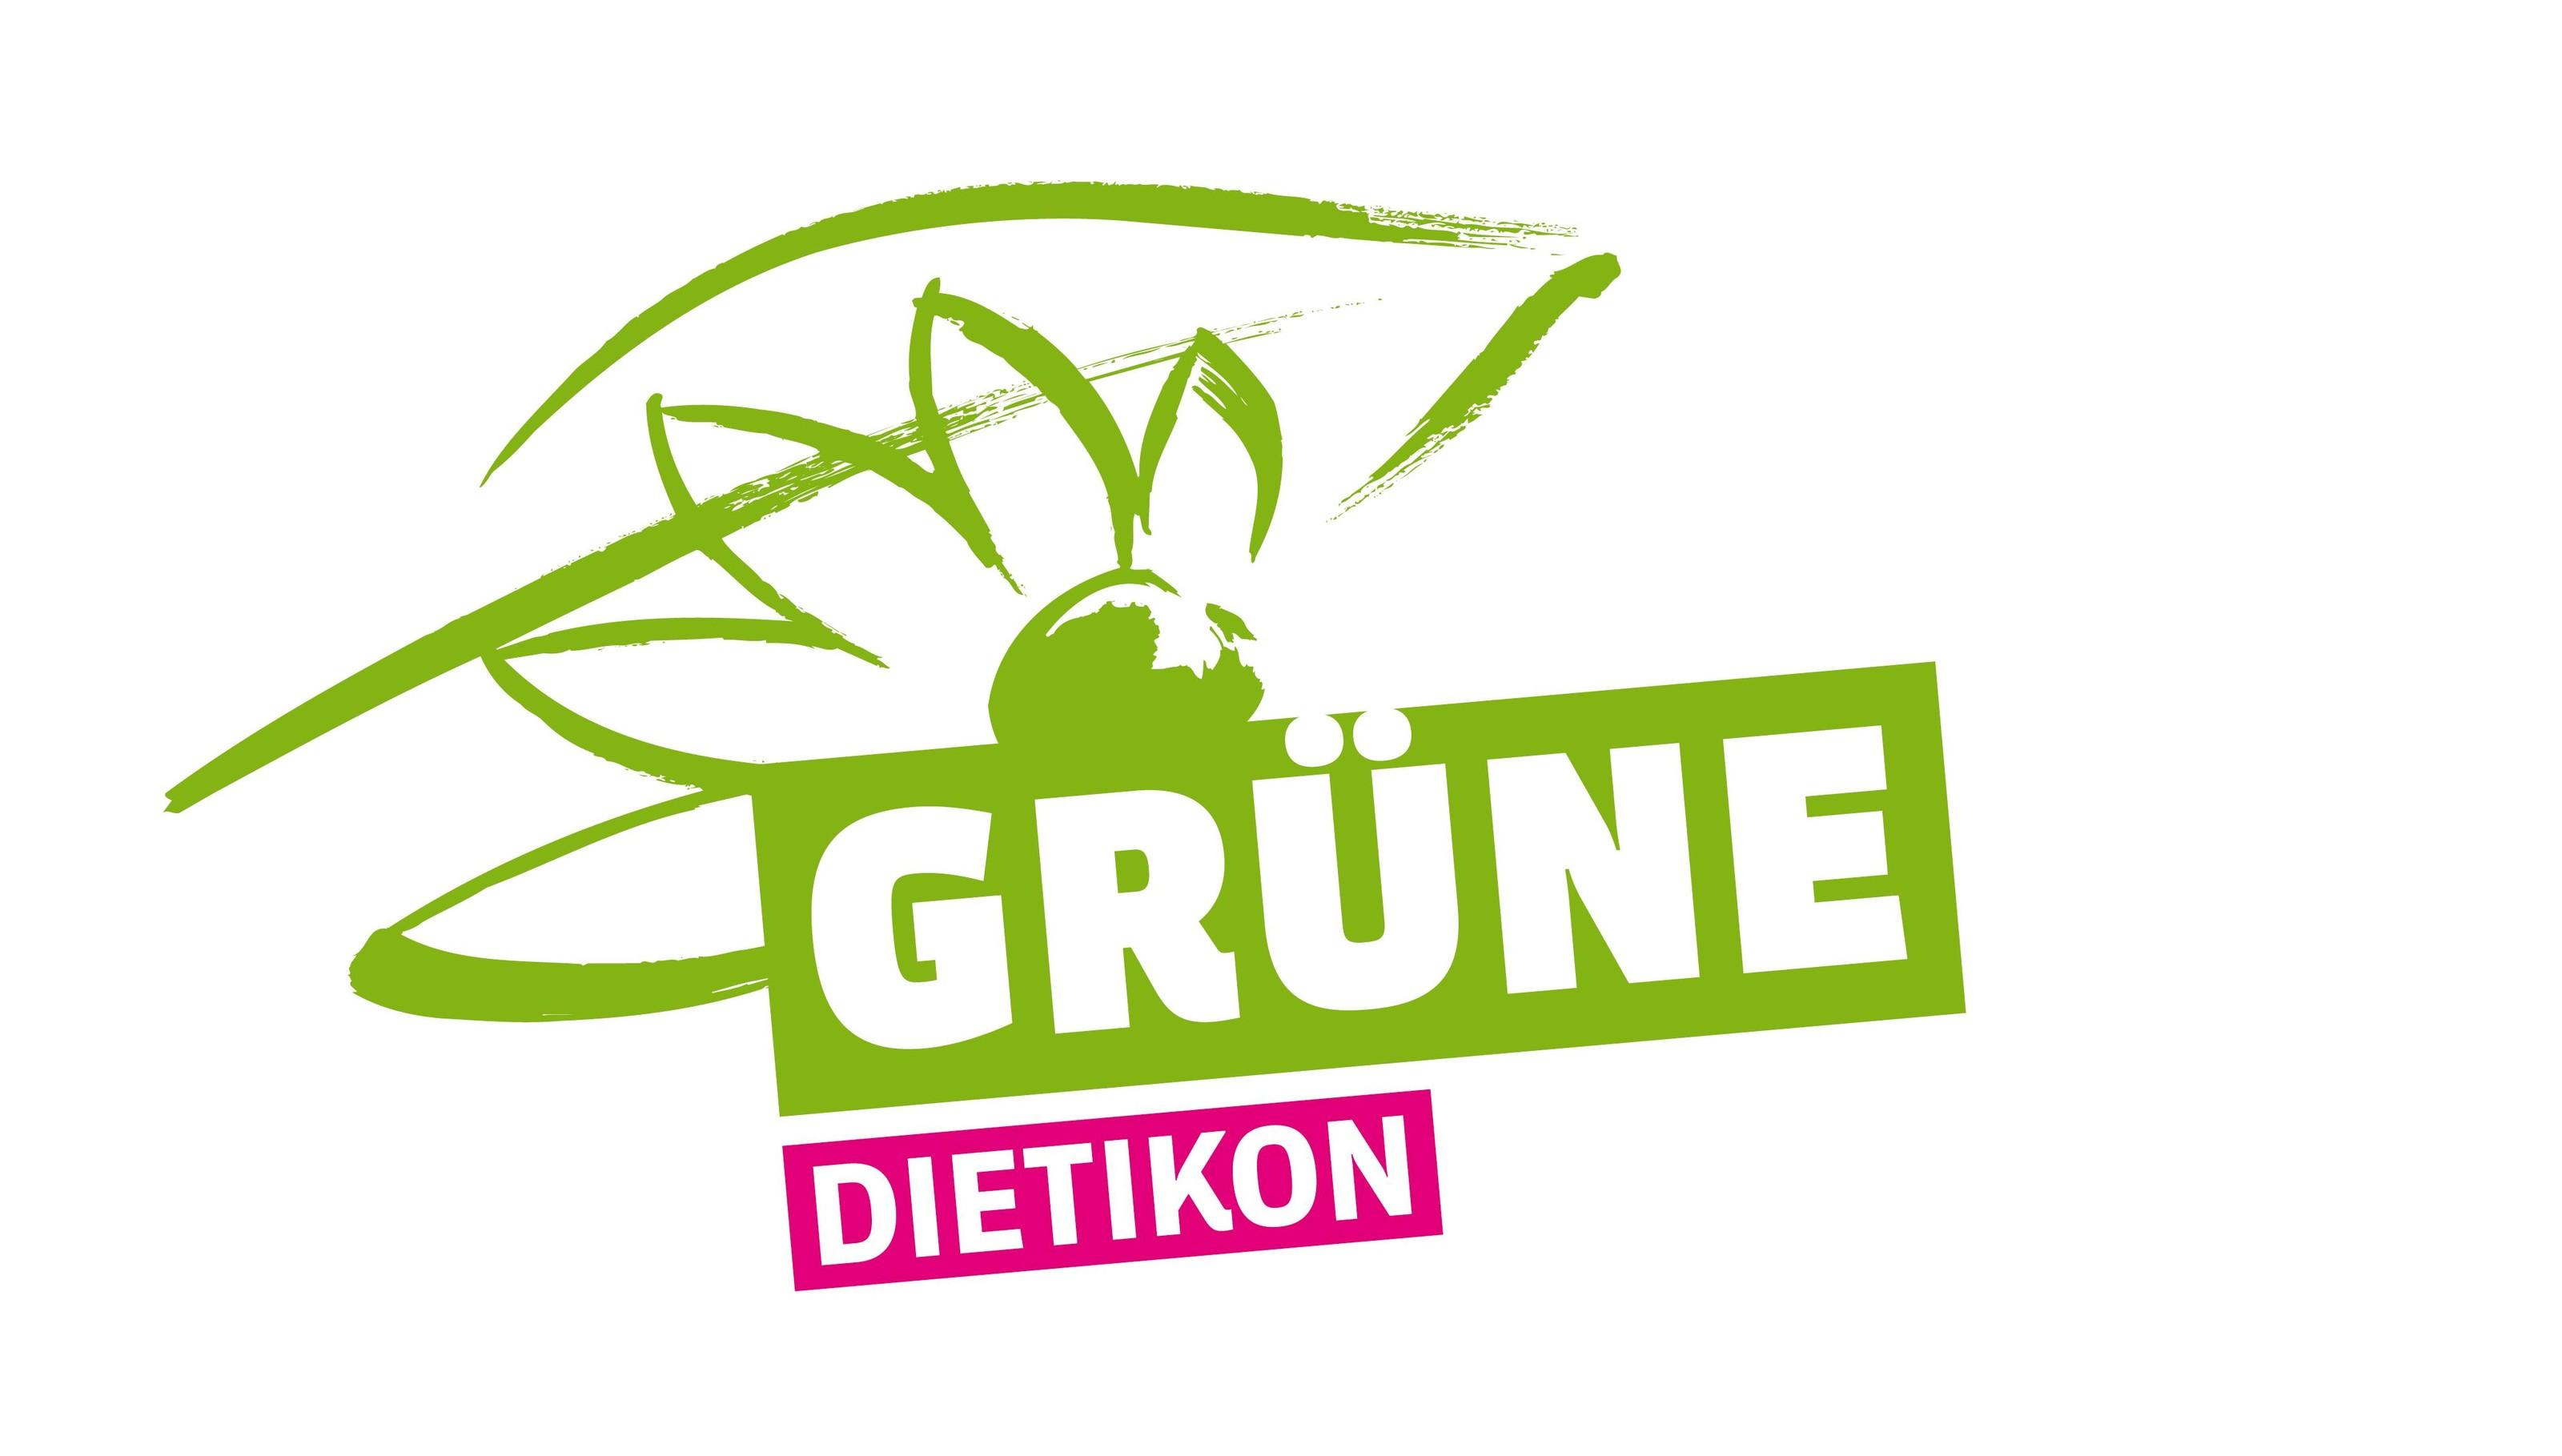 Grüne Dietikon